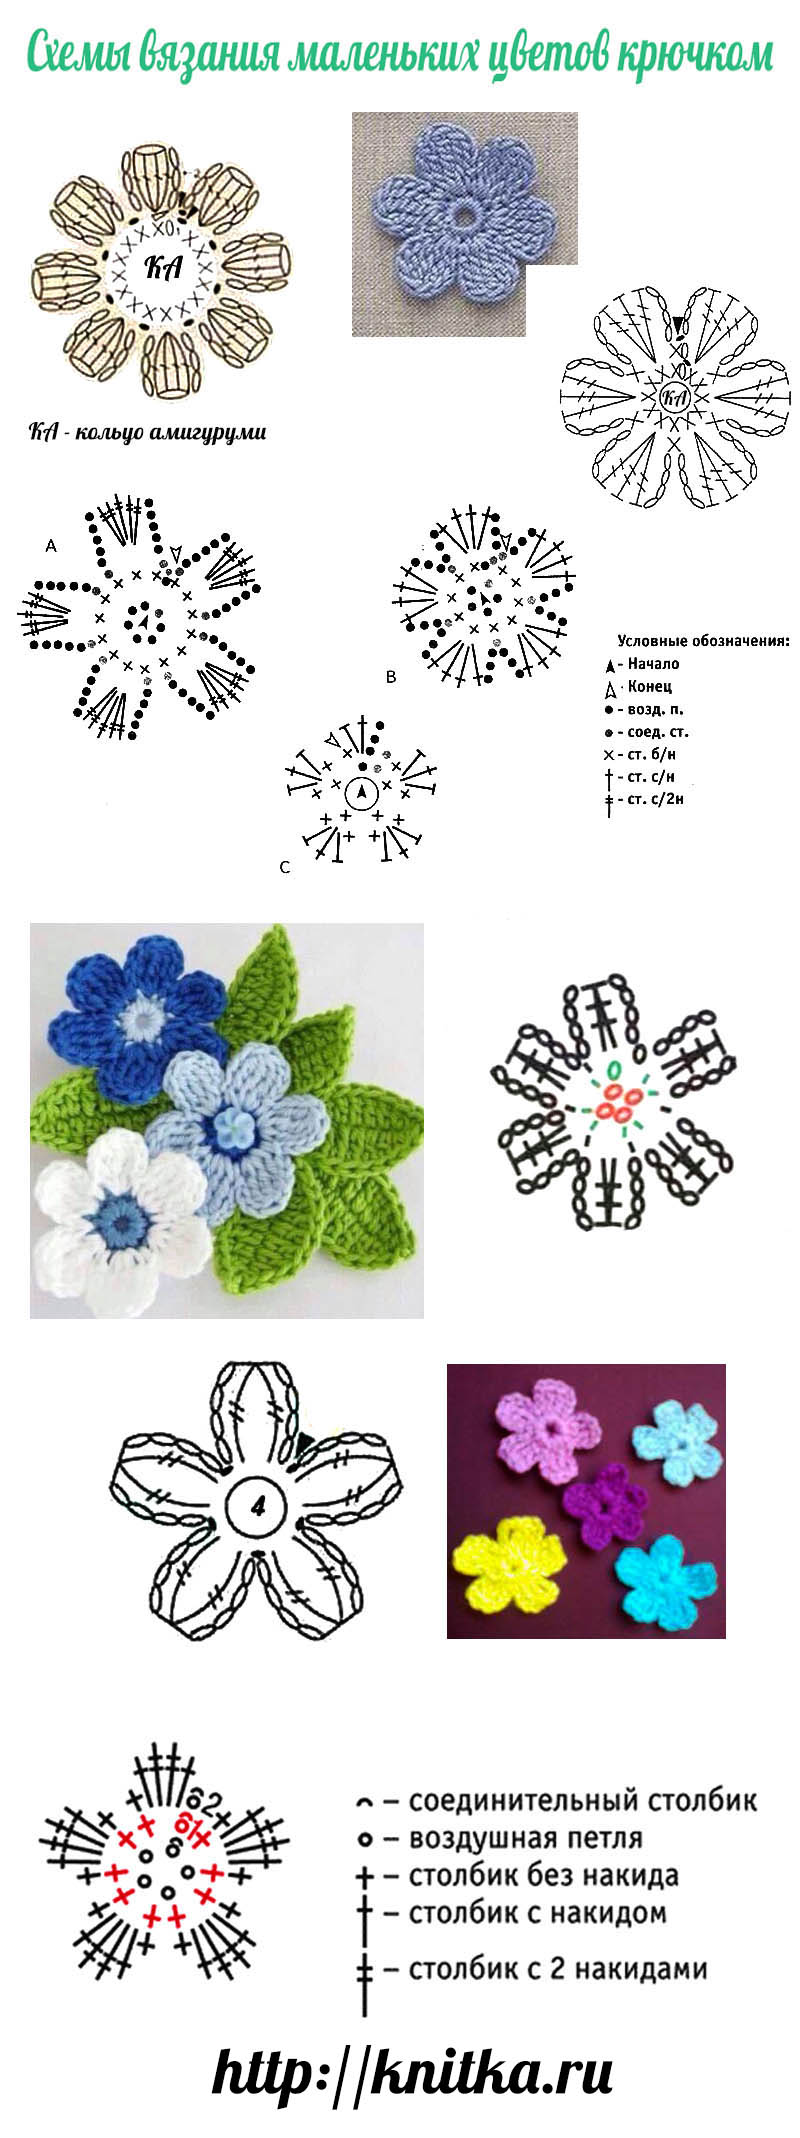 Вязание крючком схемы цвет